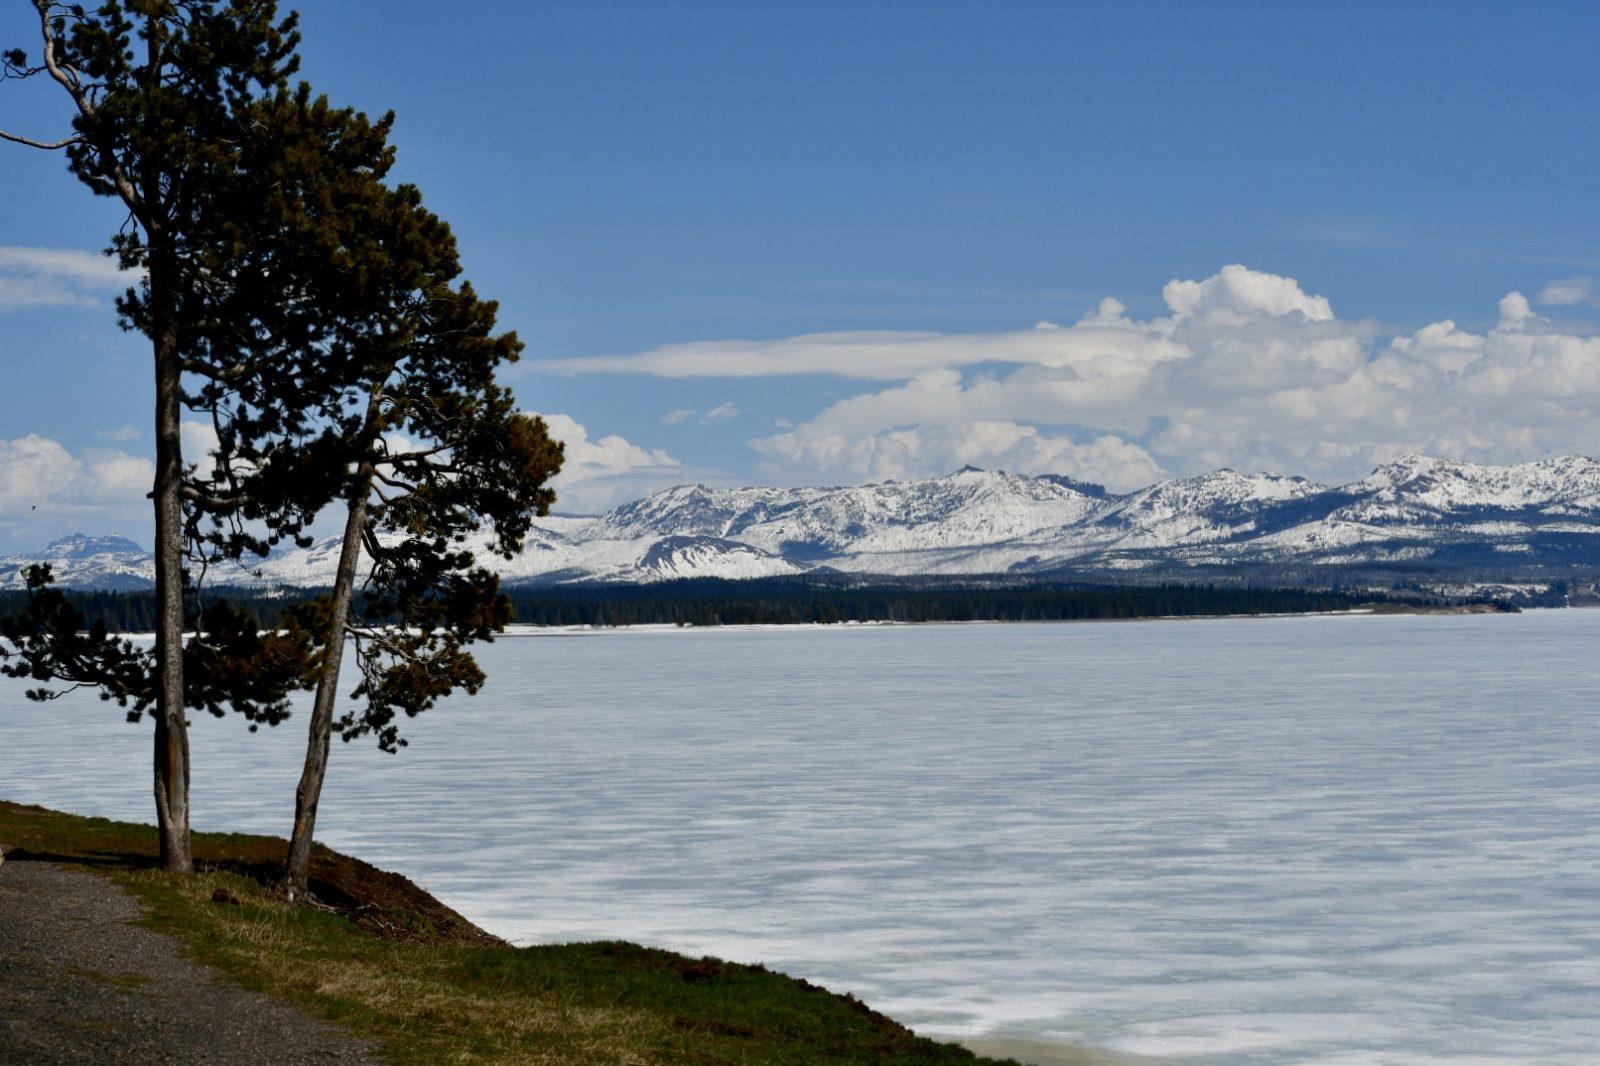 Hohe Pinie steht an zugefrorenem, mit Schnee bedecktem See, am anderen Ufer bewaldete verschneite Bergkette vor blauem Himmel mit weißen Cumuluswolken